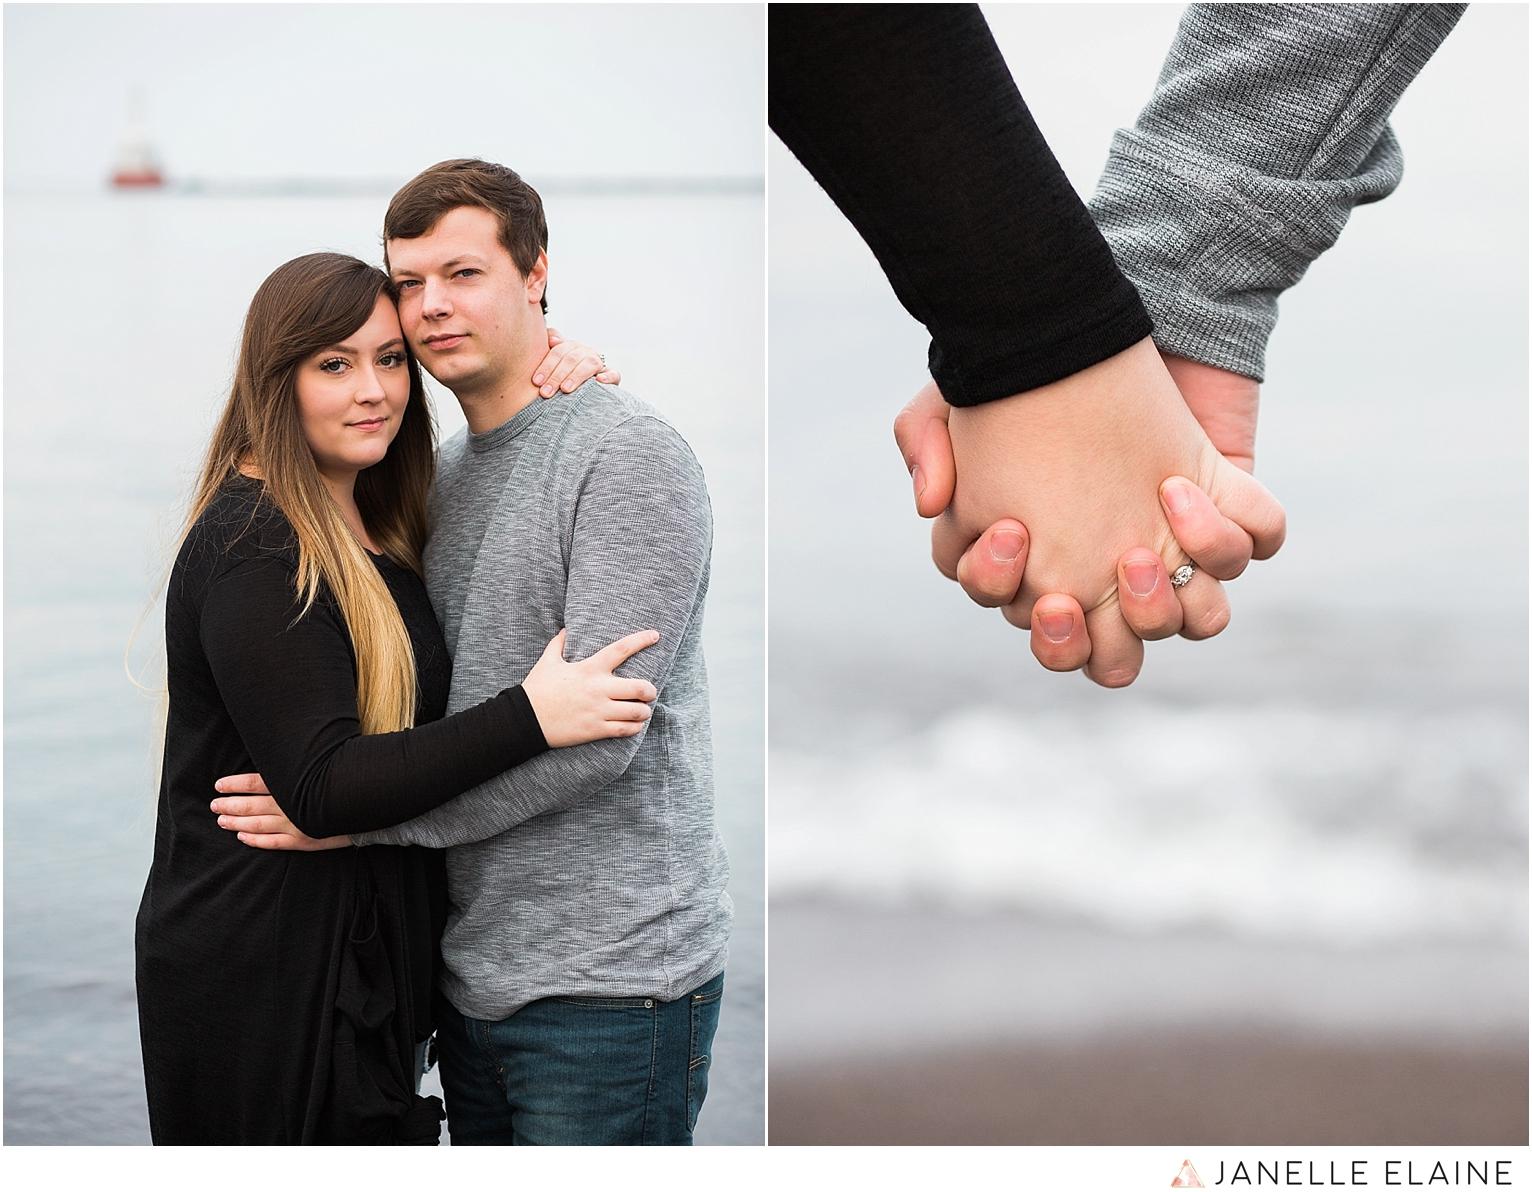 seattle-washington-engagement-photographers-janelle elaine-101.jpg